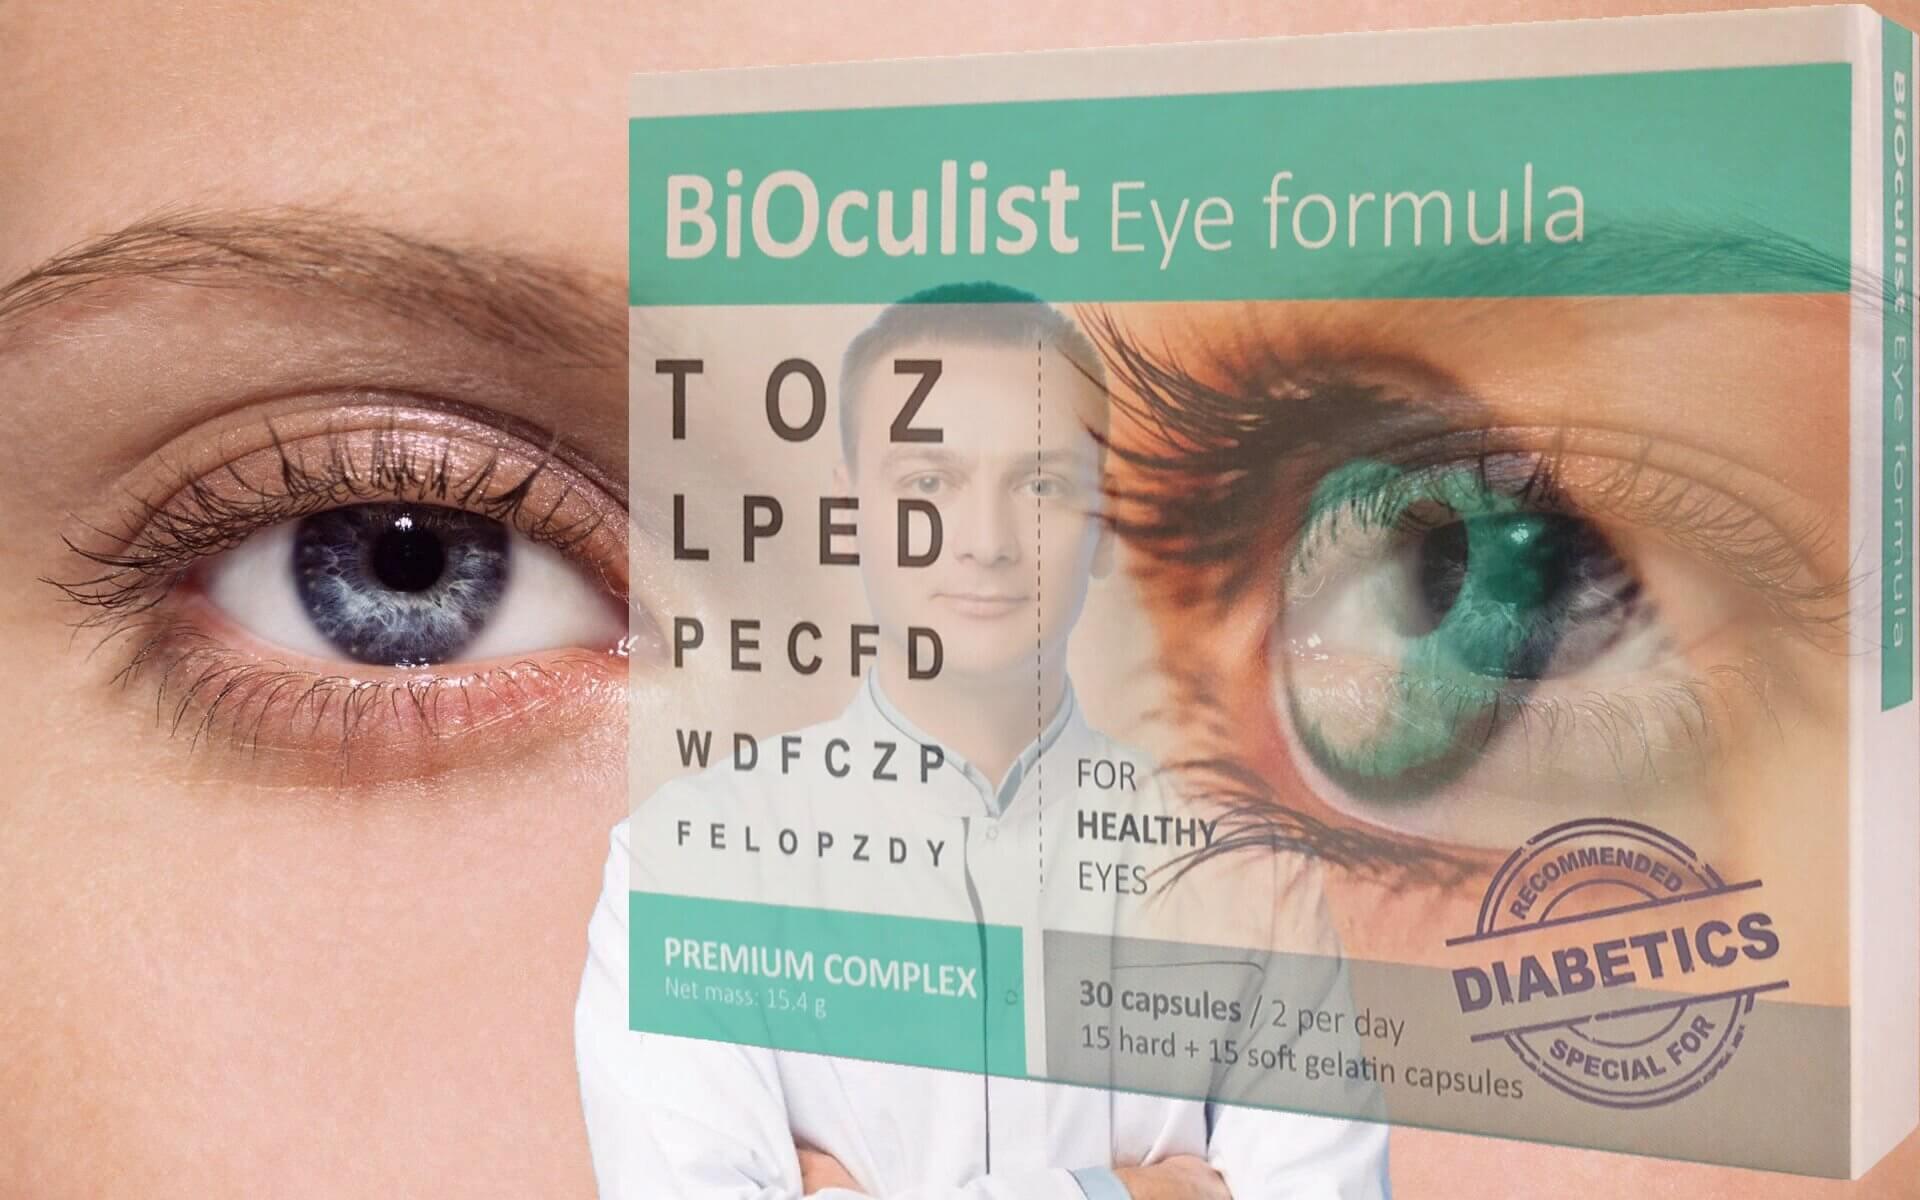 mi segített javítani a látását